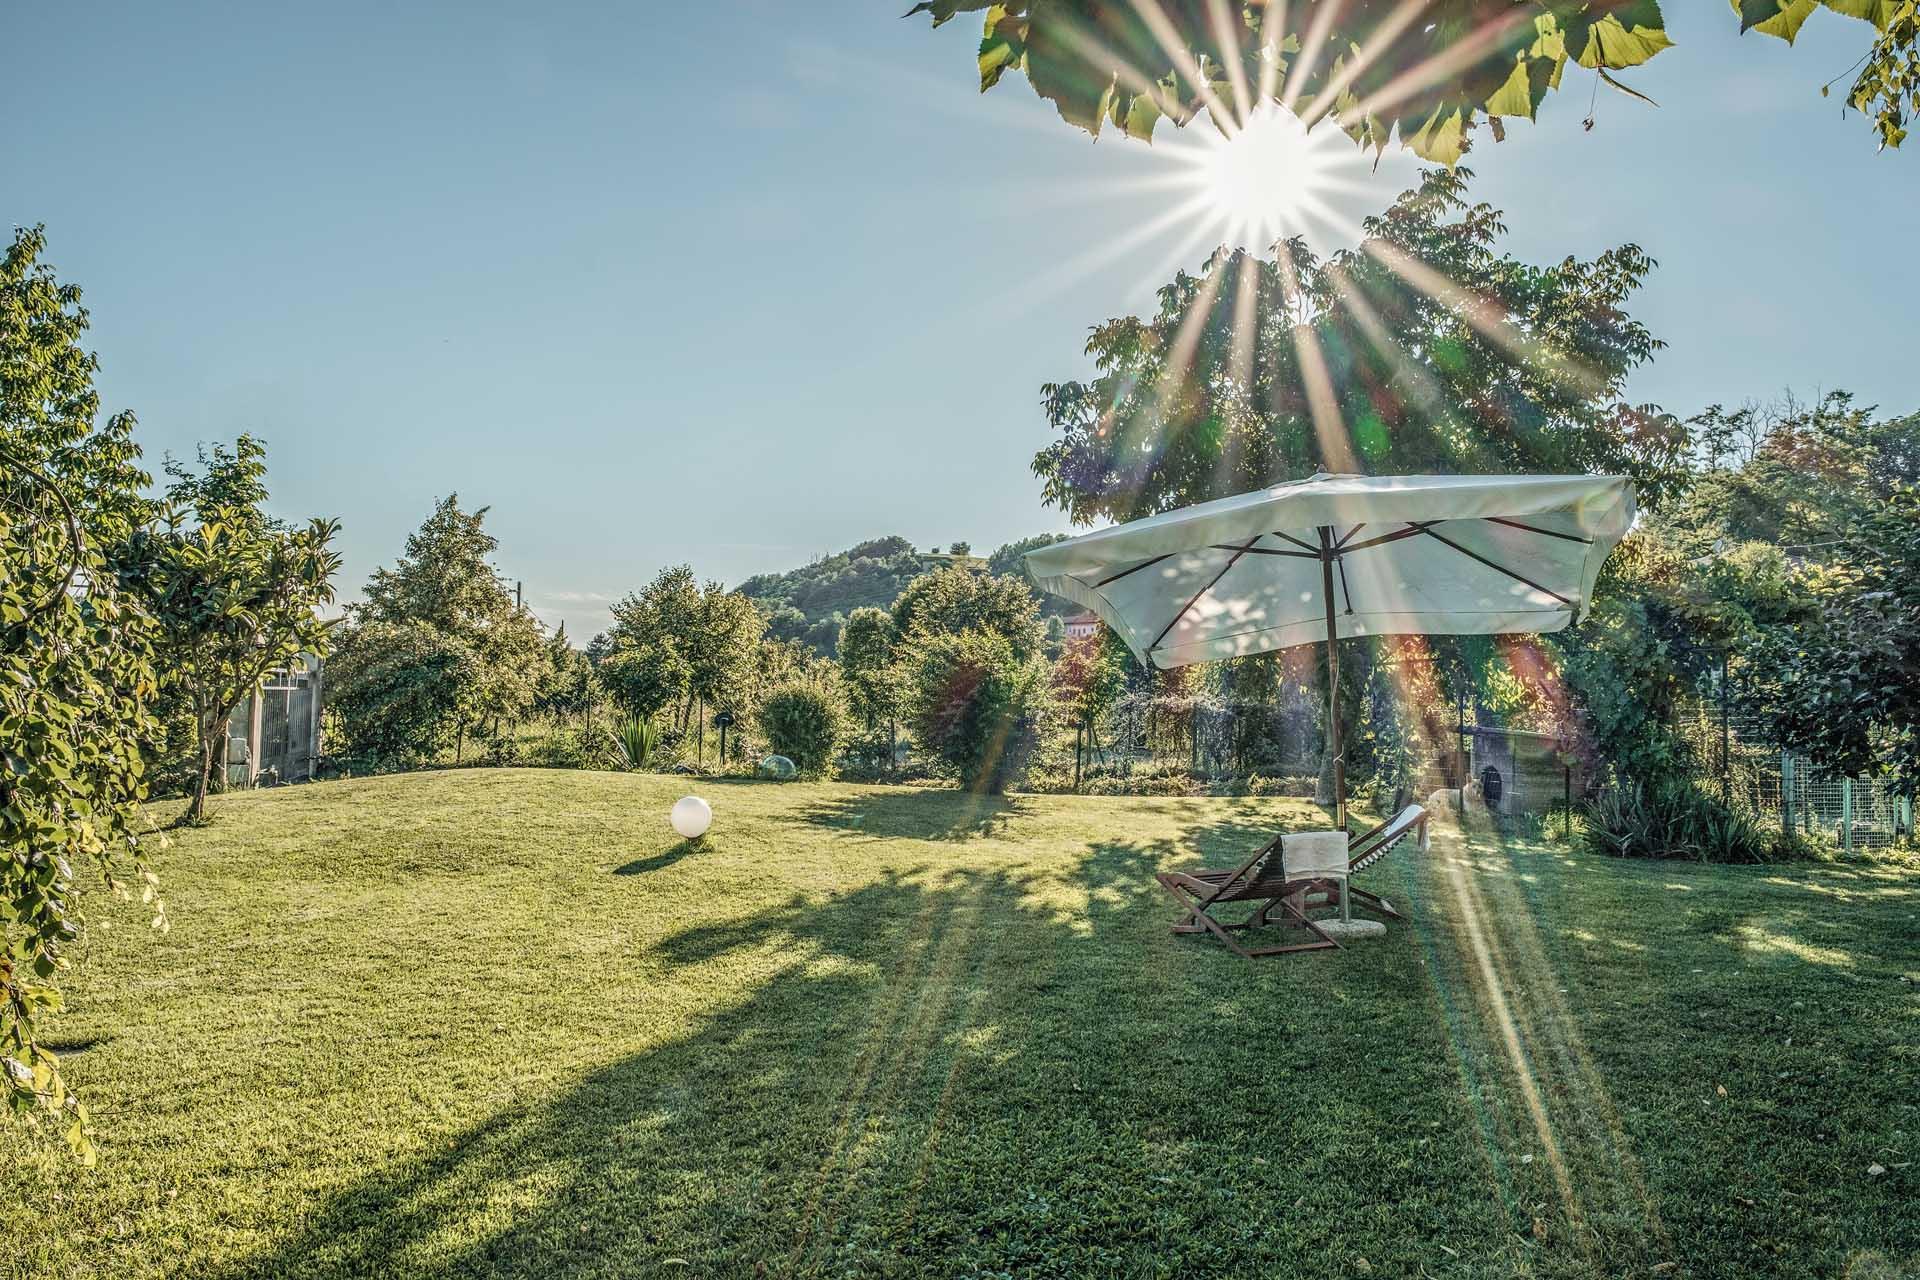 Giardino Villa Curte Nicia - Affitta camere a Nizza Monferrato